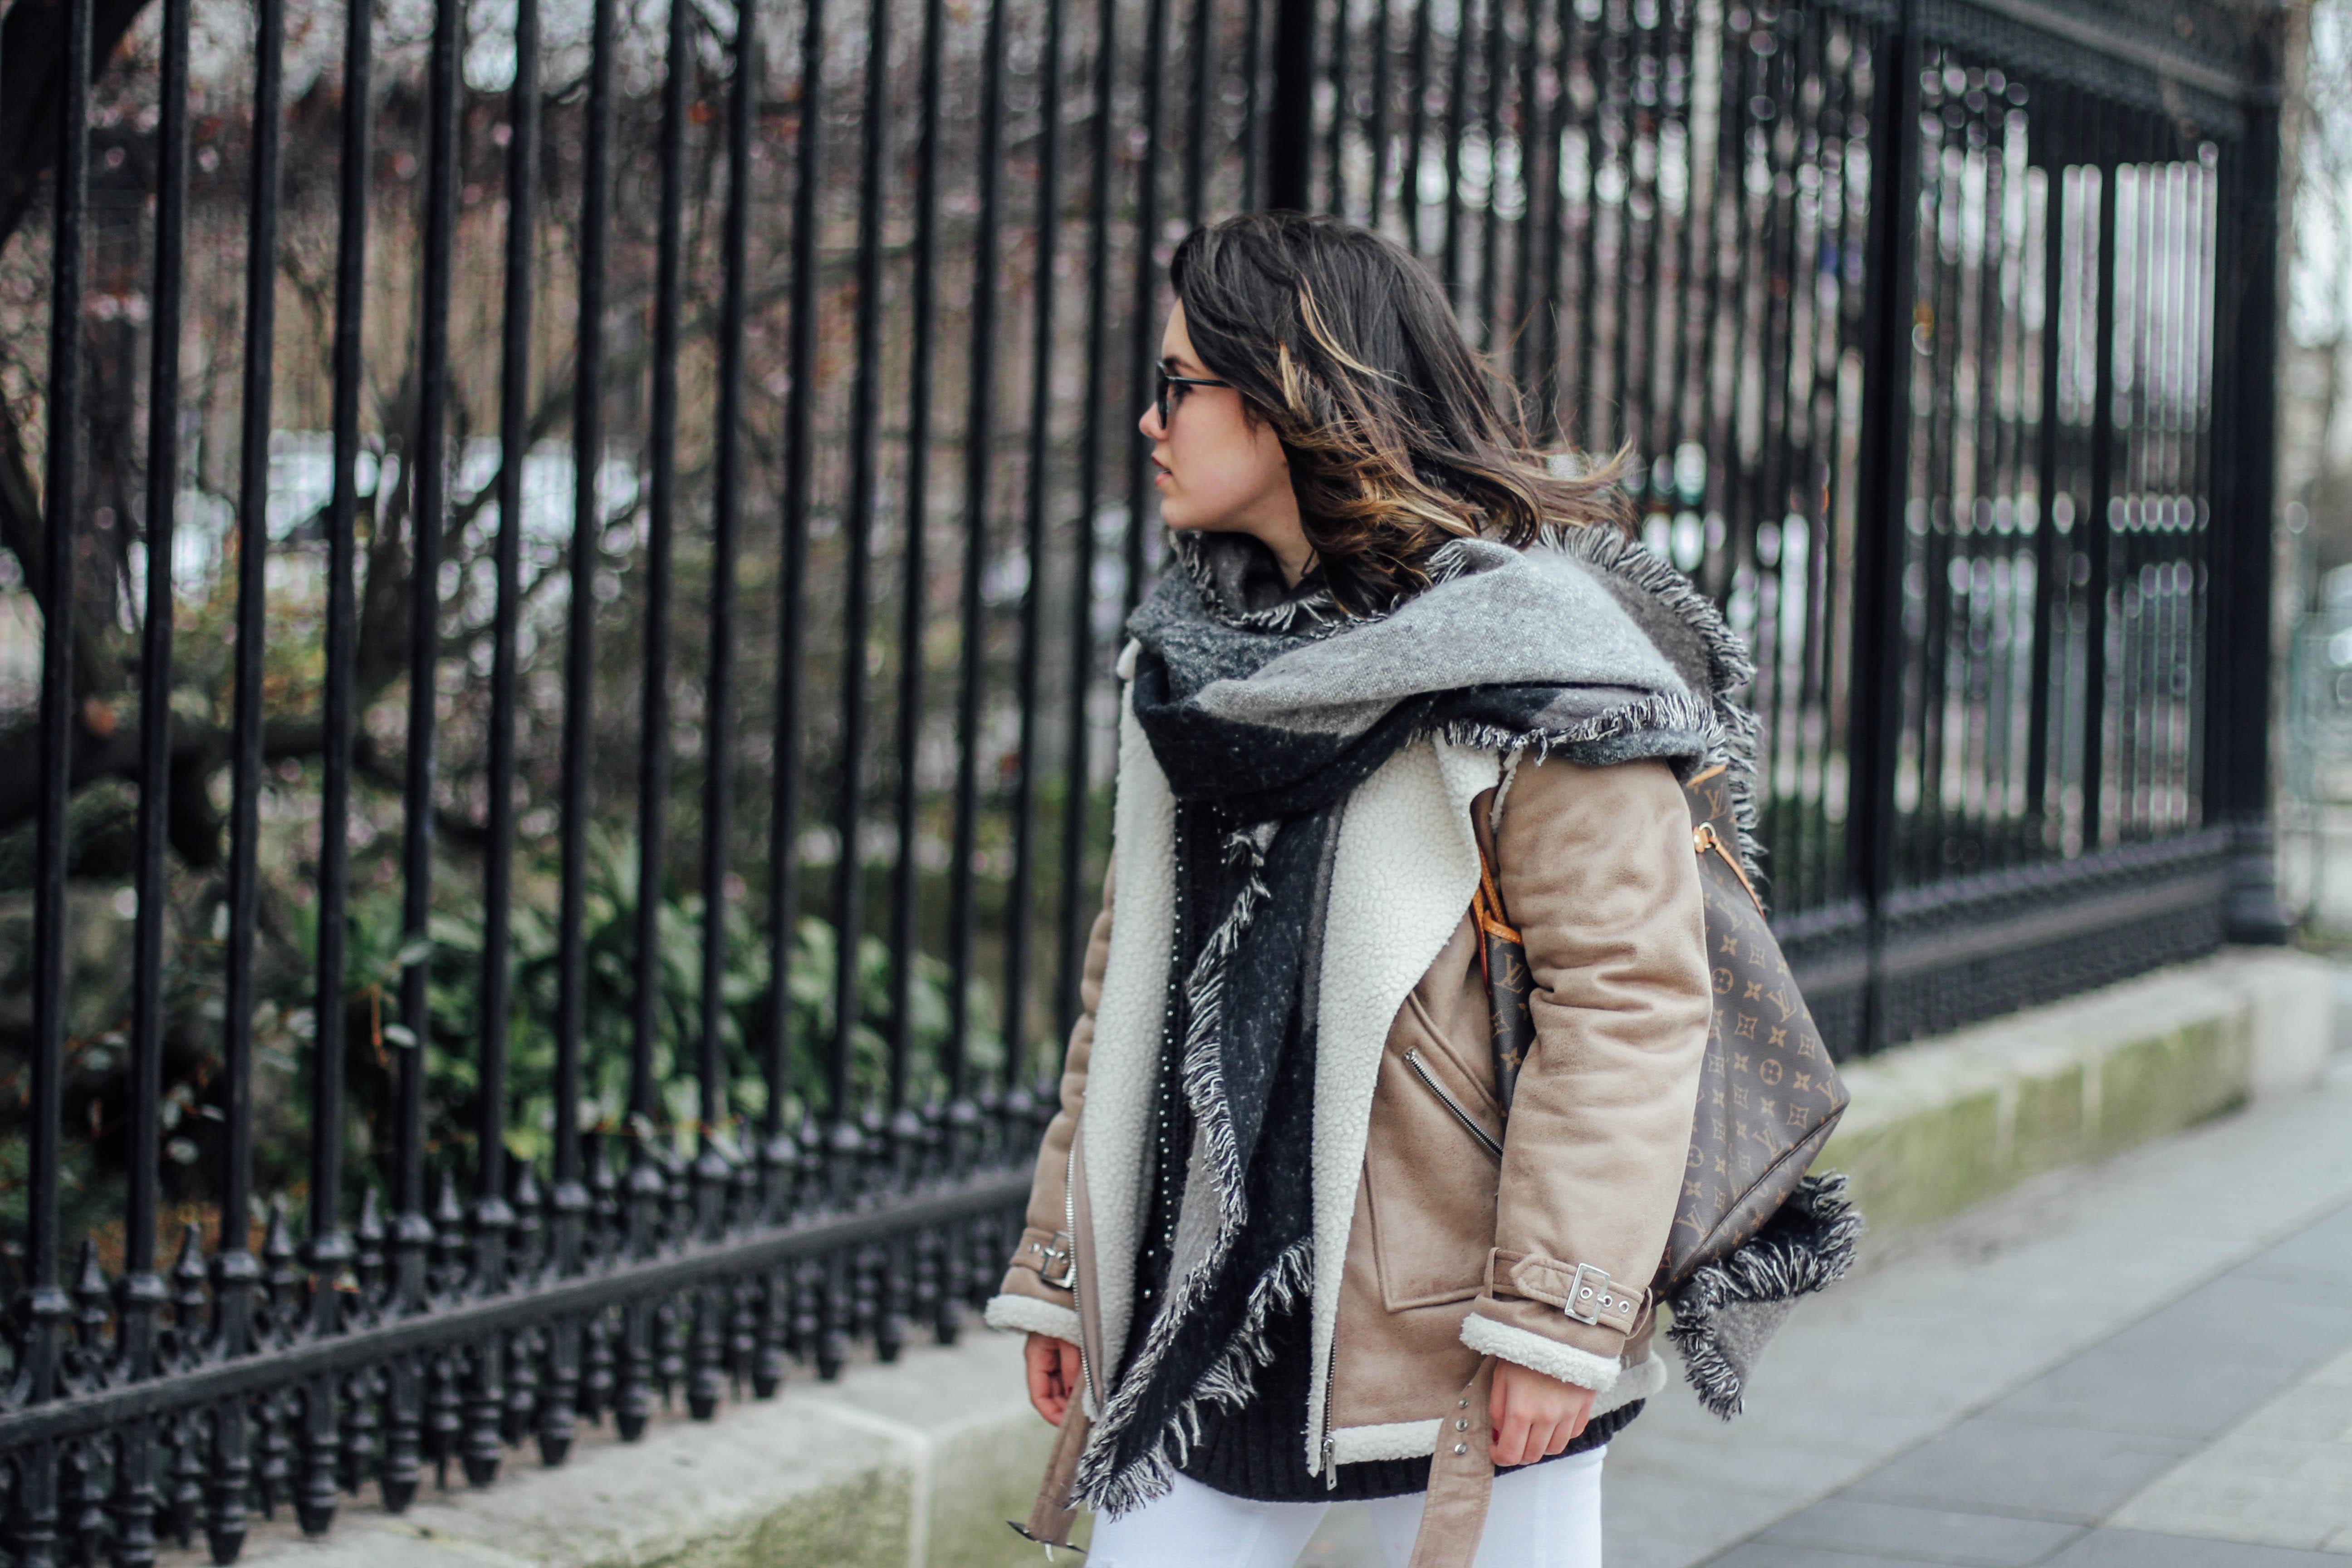 shearling-jacket-beige-isabel-marant-sneakers-streetstyle fashion myblueberrynightsblog